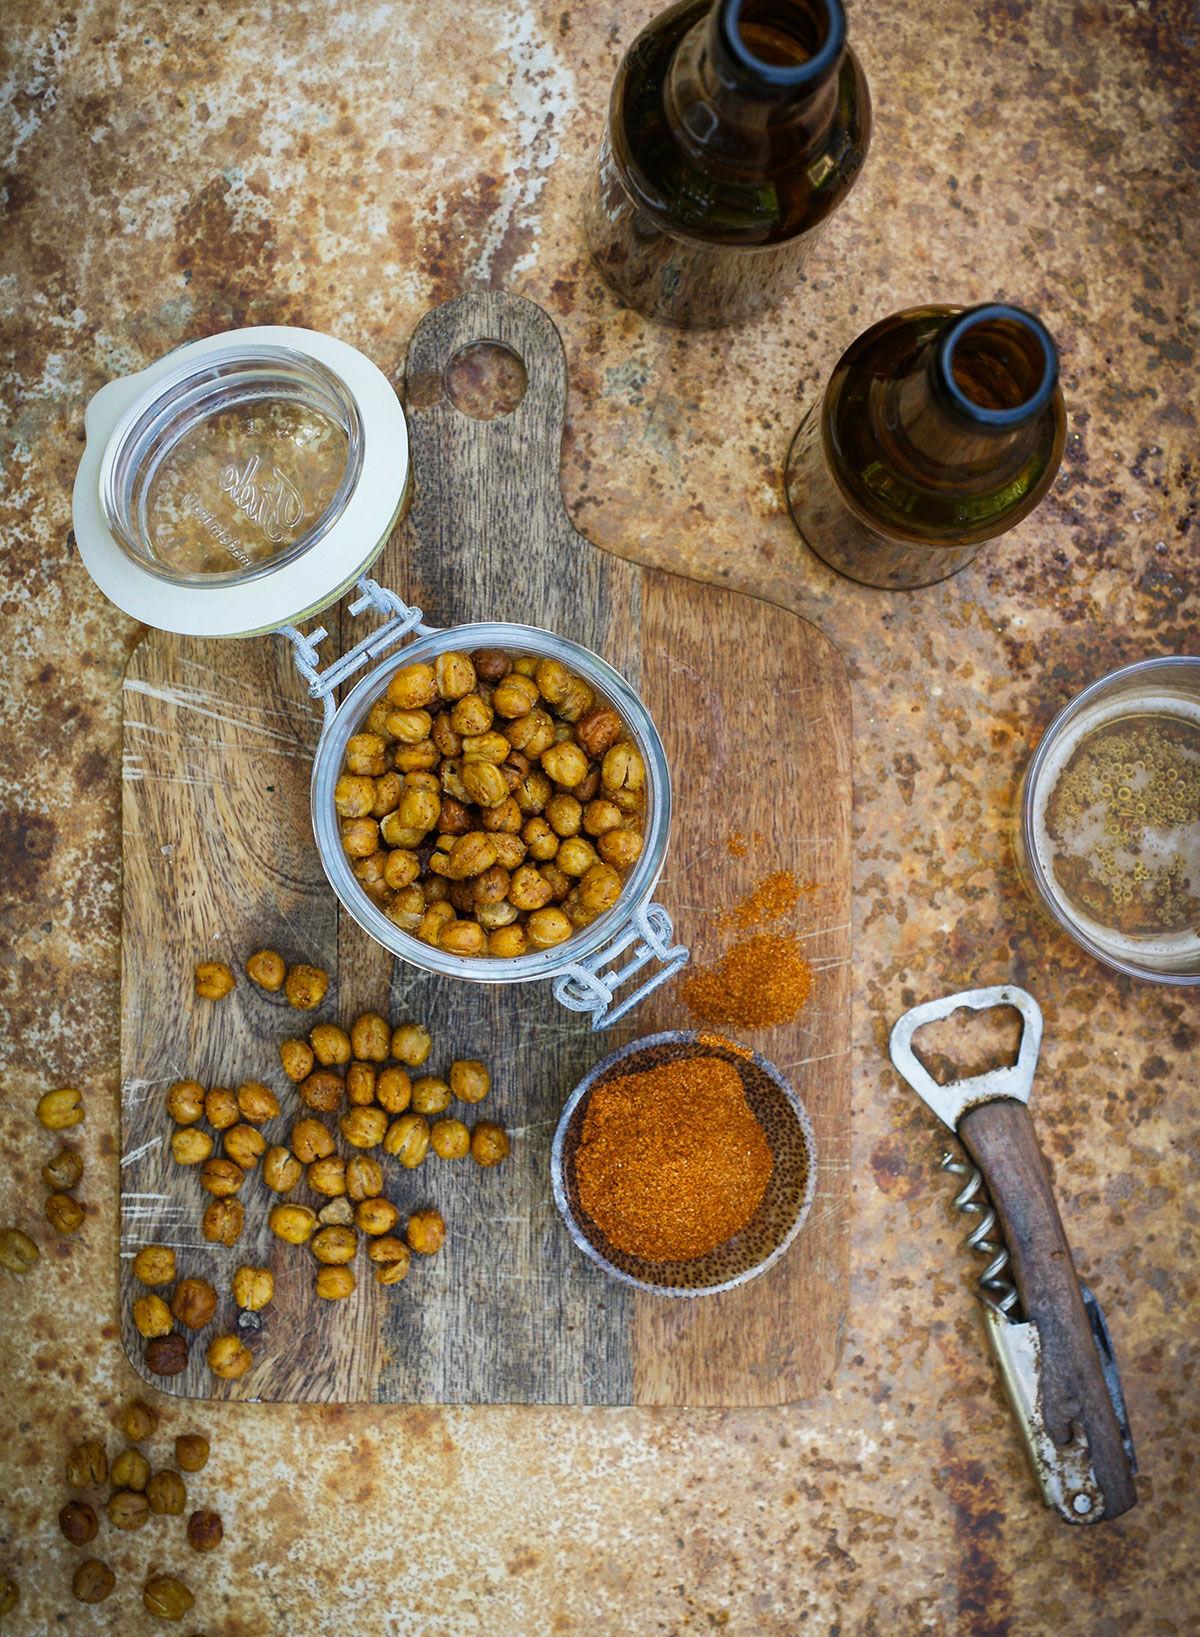 Kryddiga och krispiga rostade kikärtor på ett träbord med öl